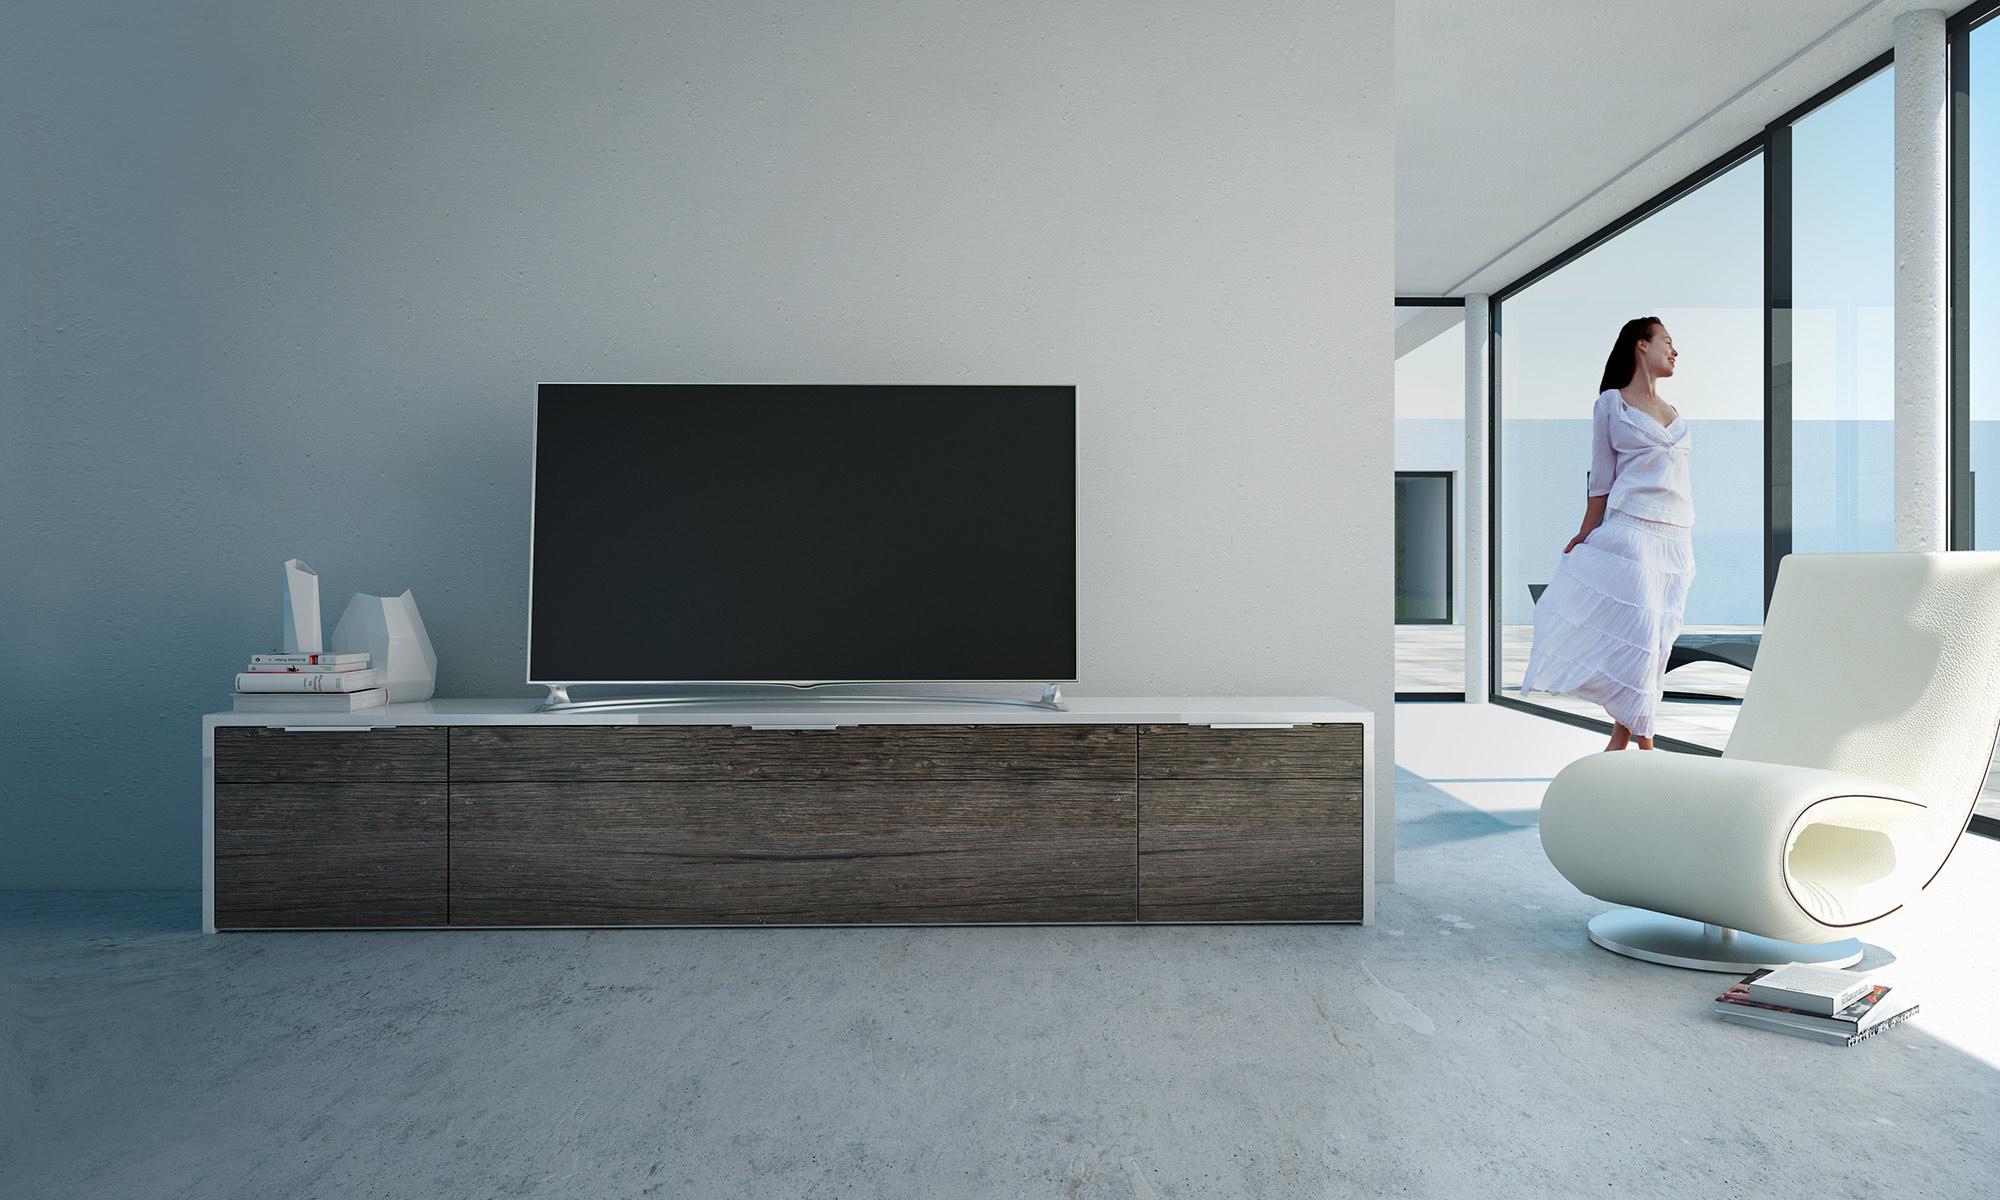 schnepel tv hifi furniture